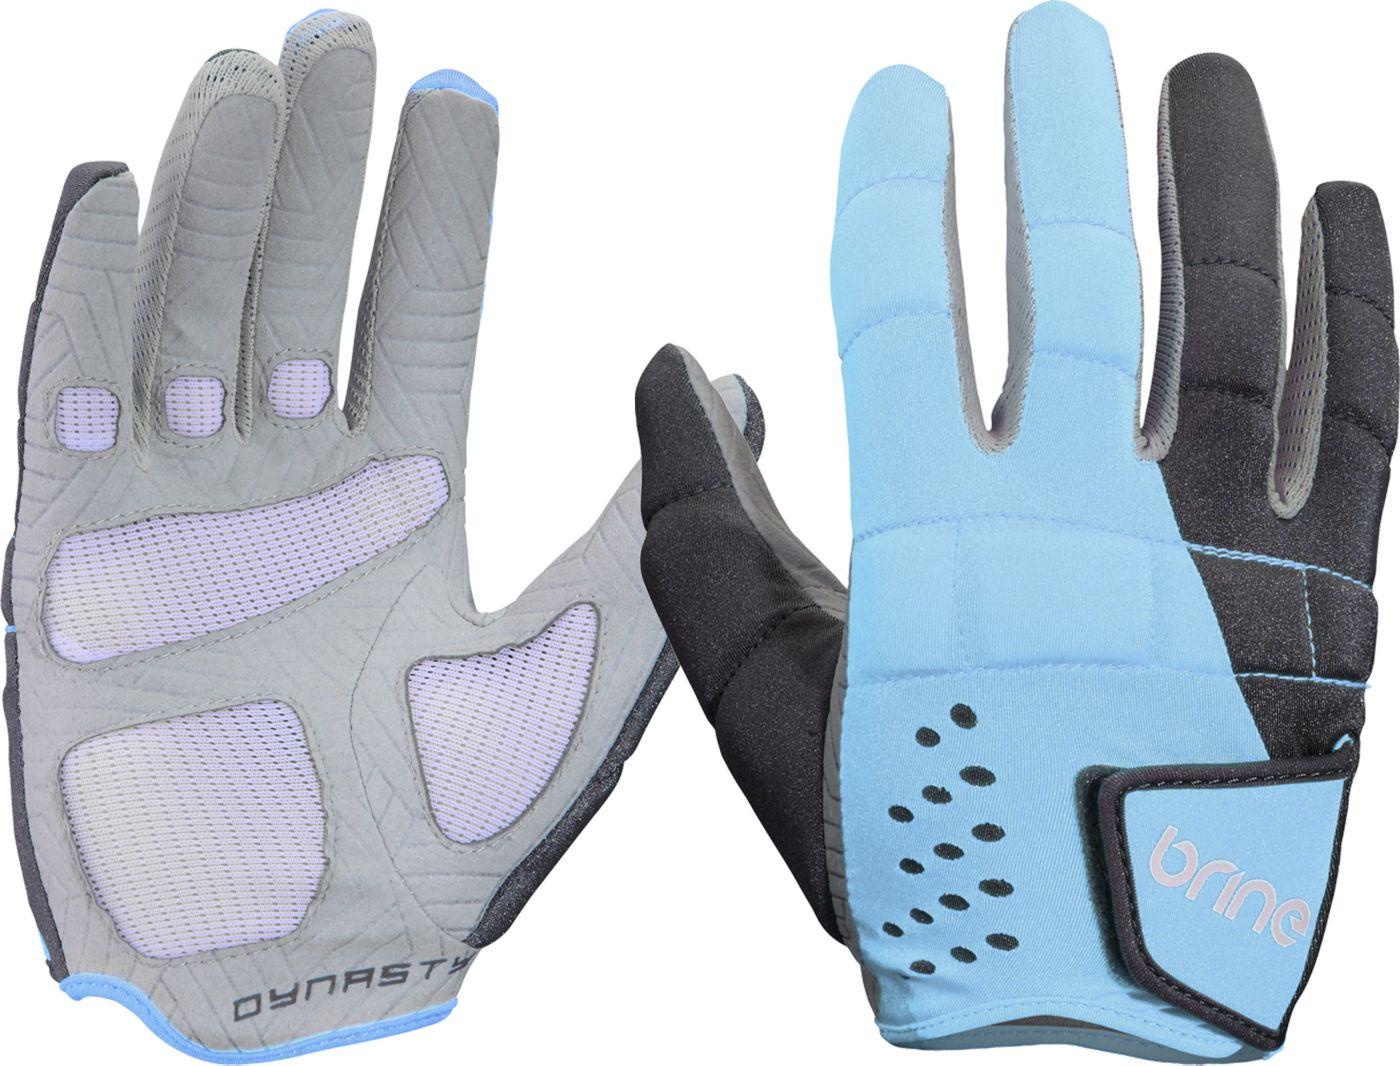 Brine Women's Dynasty 2018 Lacrosse Gloves